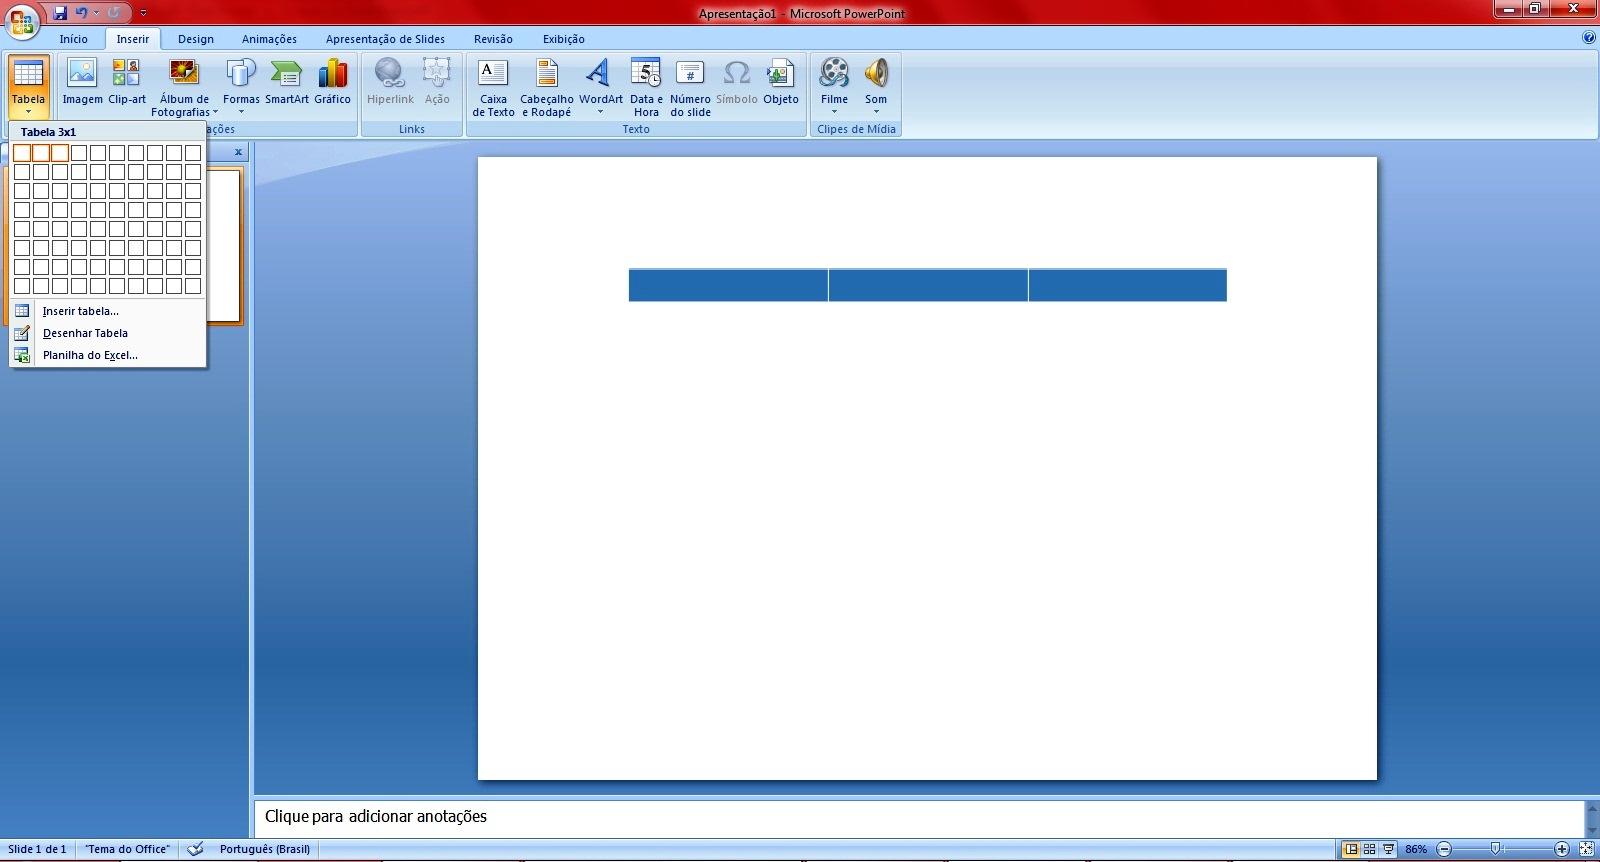 Infortasma como fazer um folder no power point agora clique na aba inserir depois em tabelas e desenhe a tabela com trs colunas e uma linha toneelgroepblik Choice Image